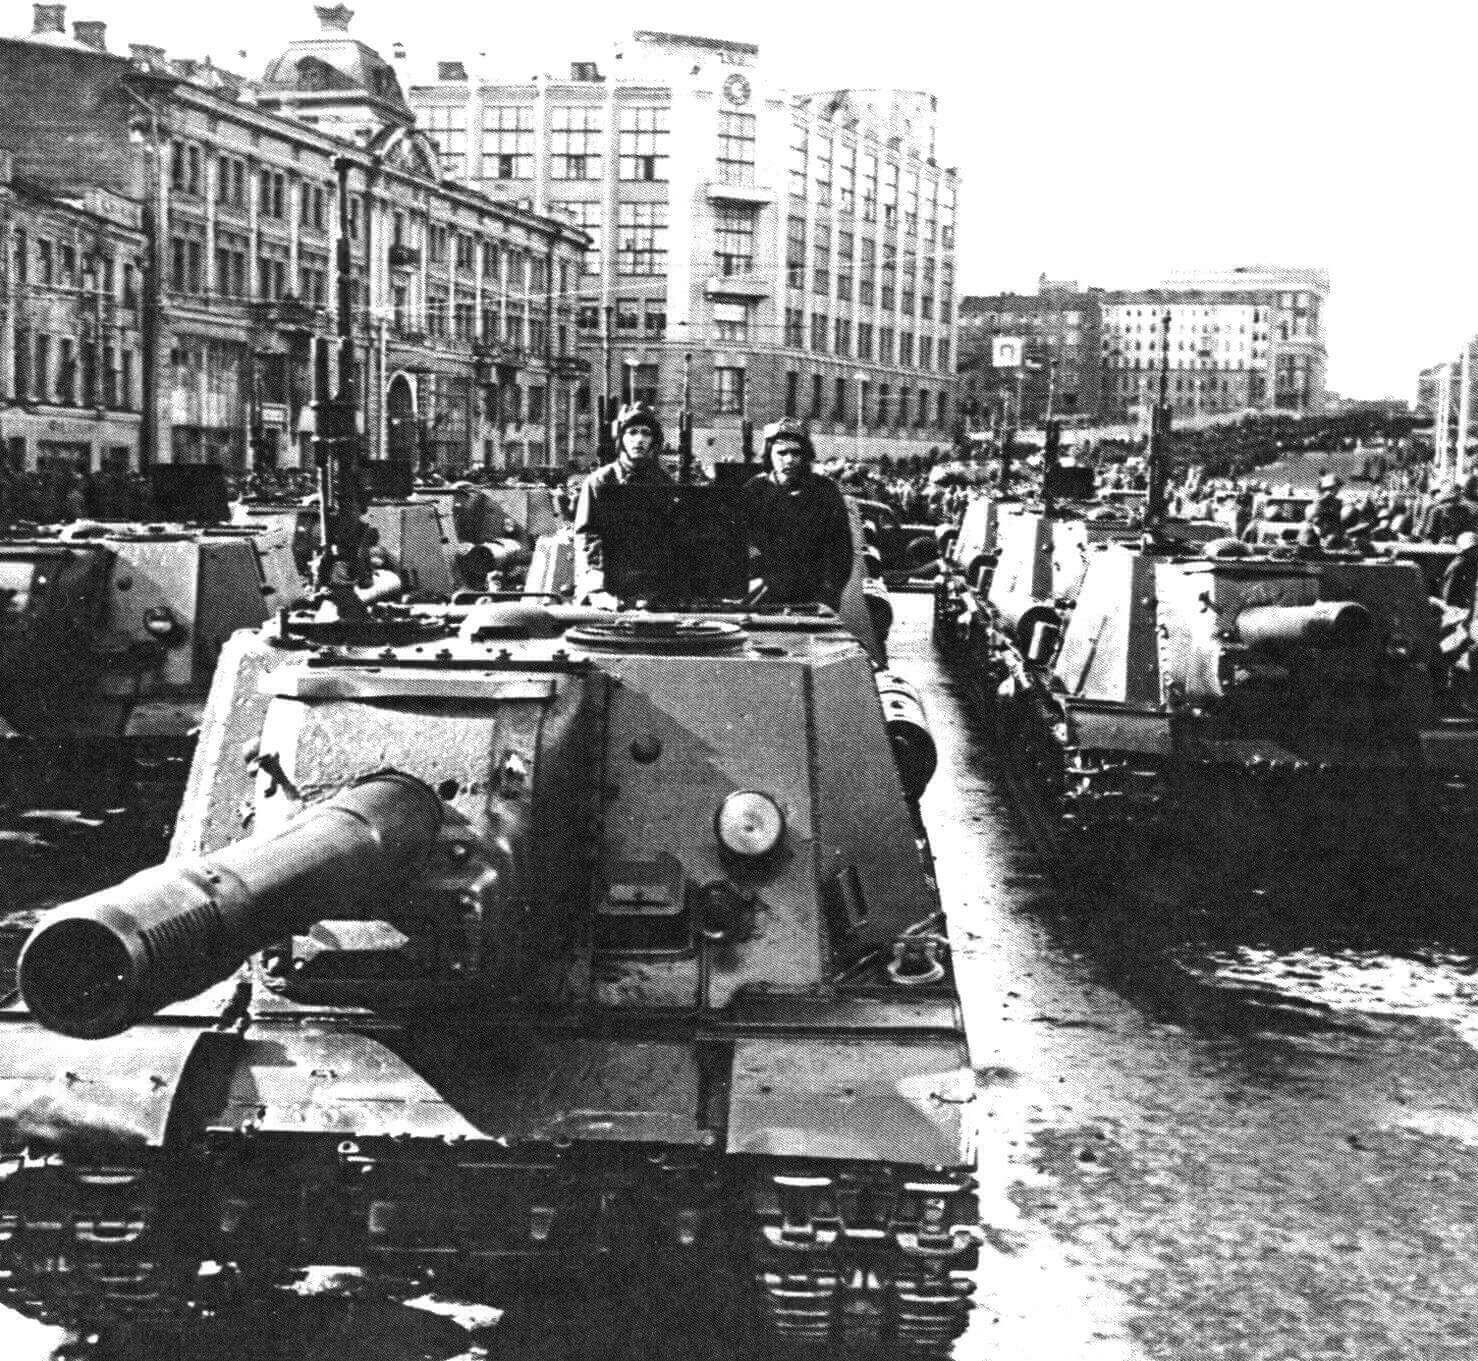 Колонна ИСУ-152 на улице Горького перед парадом в честь первого празднования Дня танкиста. Москва, 8 сентября 1946 года